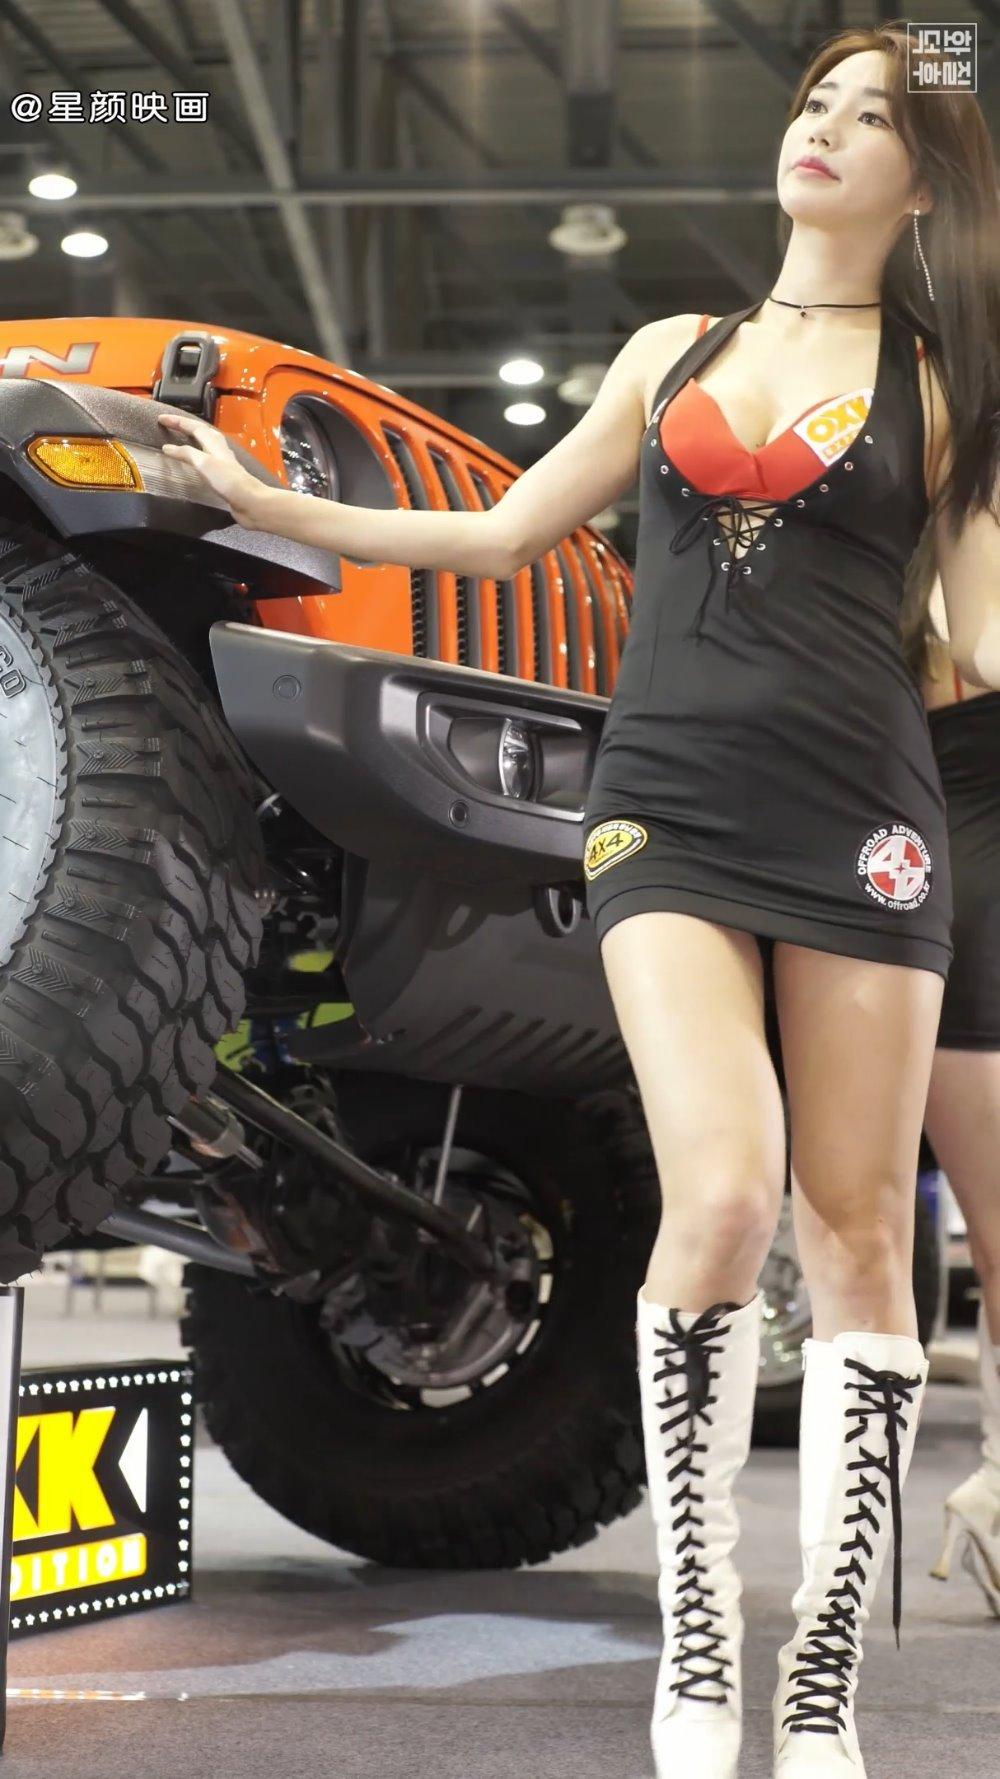 韩国美女车模林率雅 Im Sola,精致甜美有仙气,短裙翘臀丰满诱人